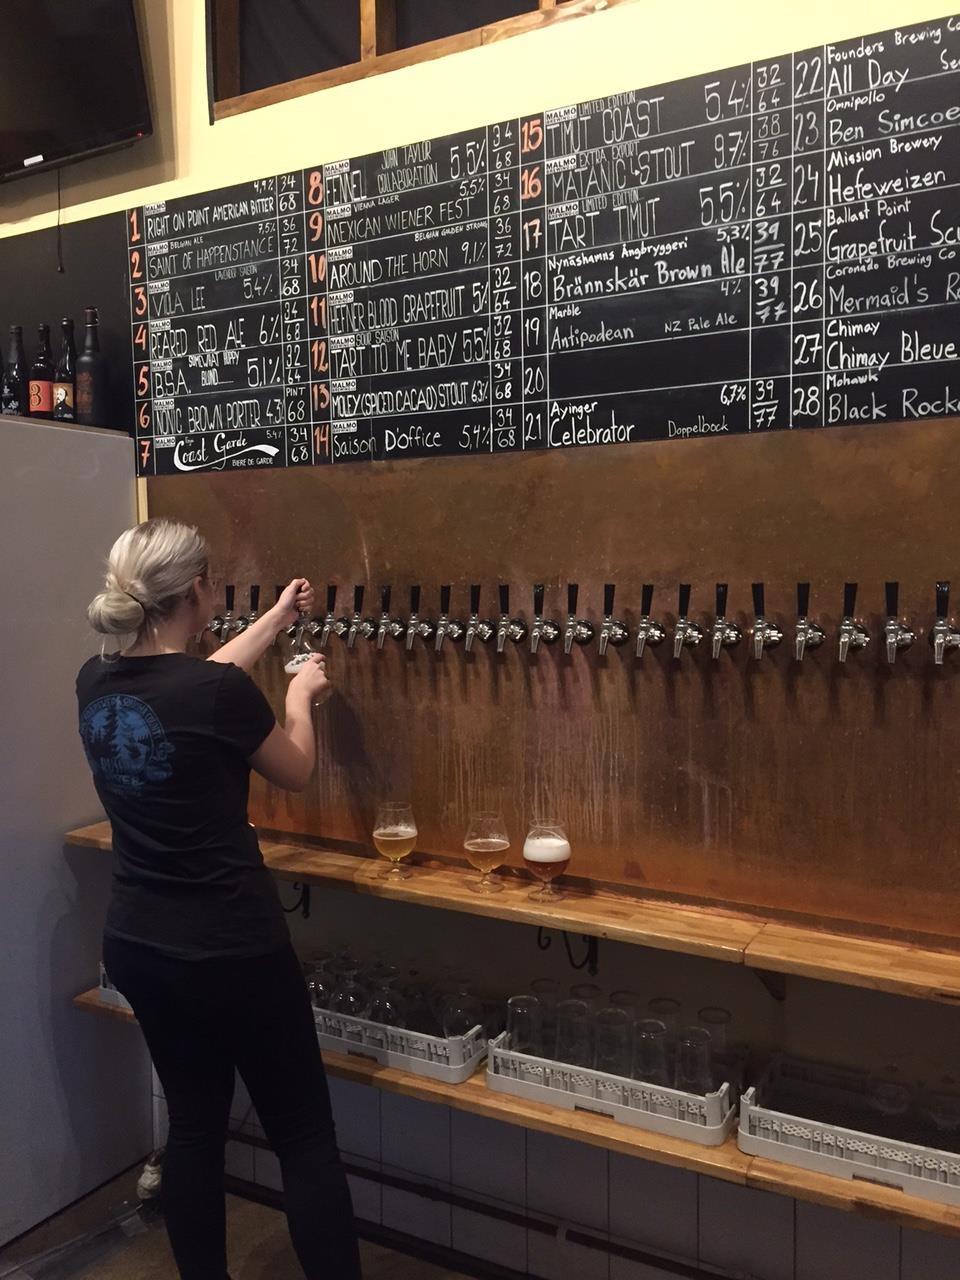 Taproom på Malmö brewing - en av de bästa ölbarerna 2017. Bilden tagen vid ett besök några år dessförinnan. Foto: Joel Linderoth.